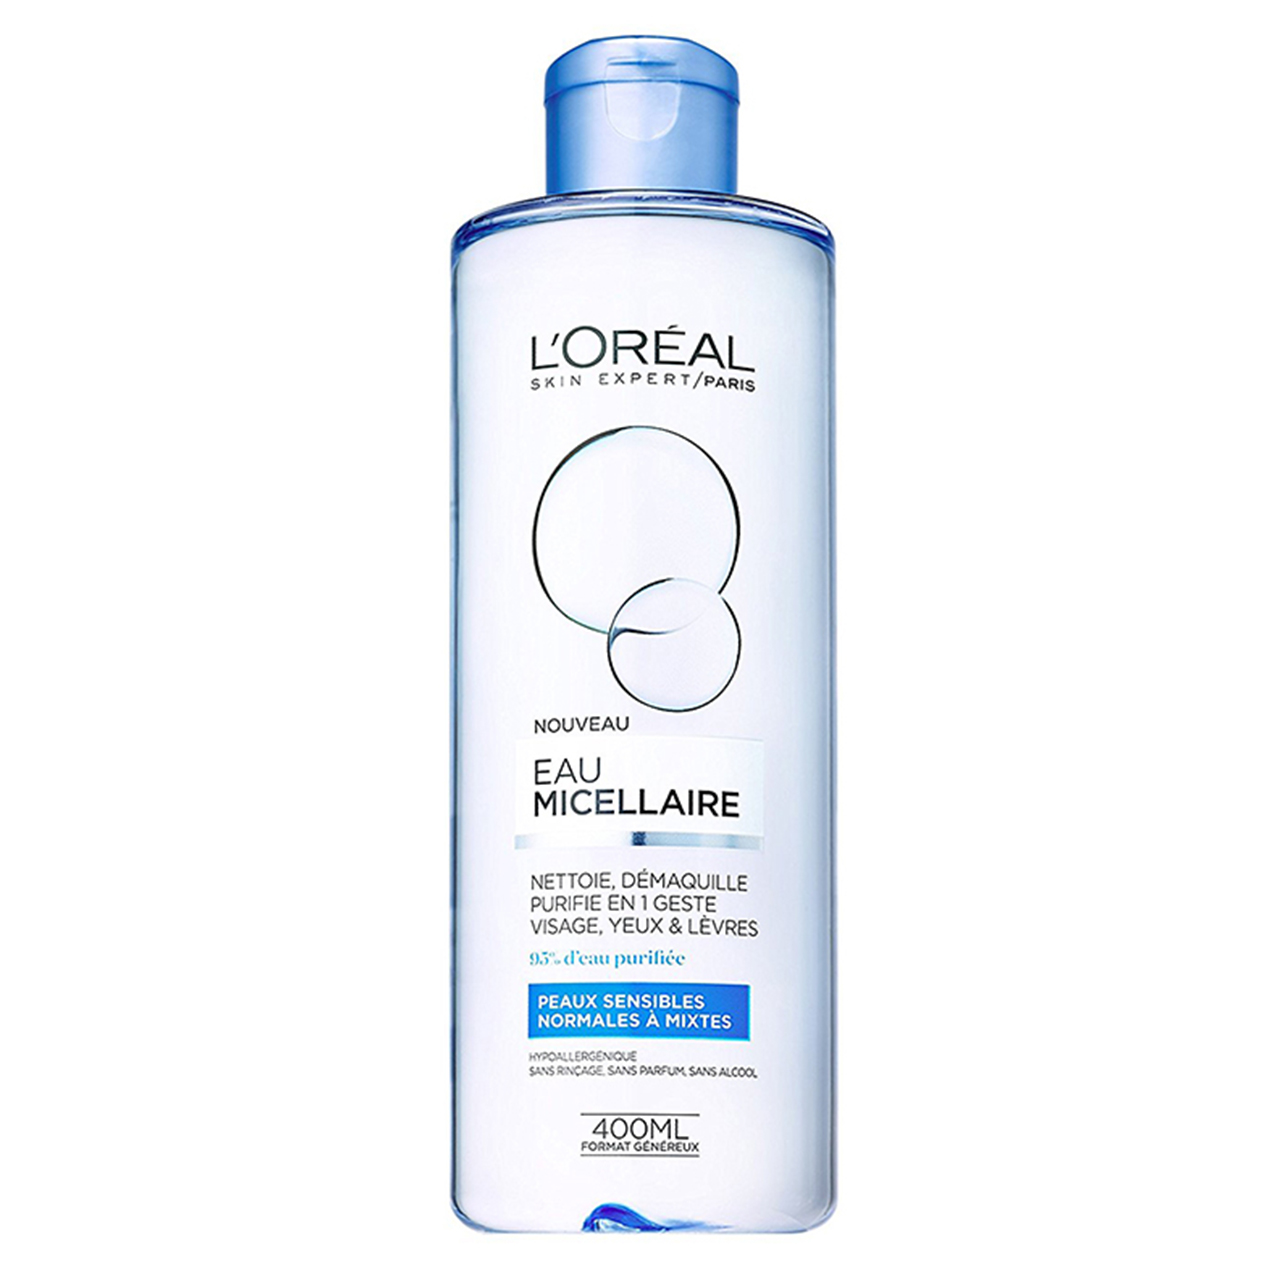 محلول پاک کننده لورآل مدل Normal to Combination Skin حجم 400 میلی لیتر